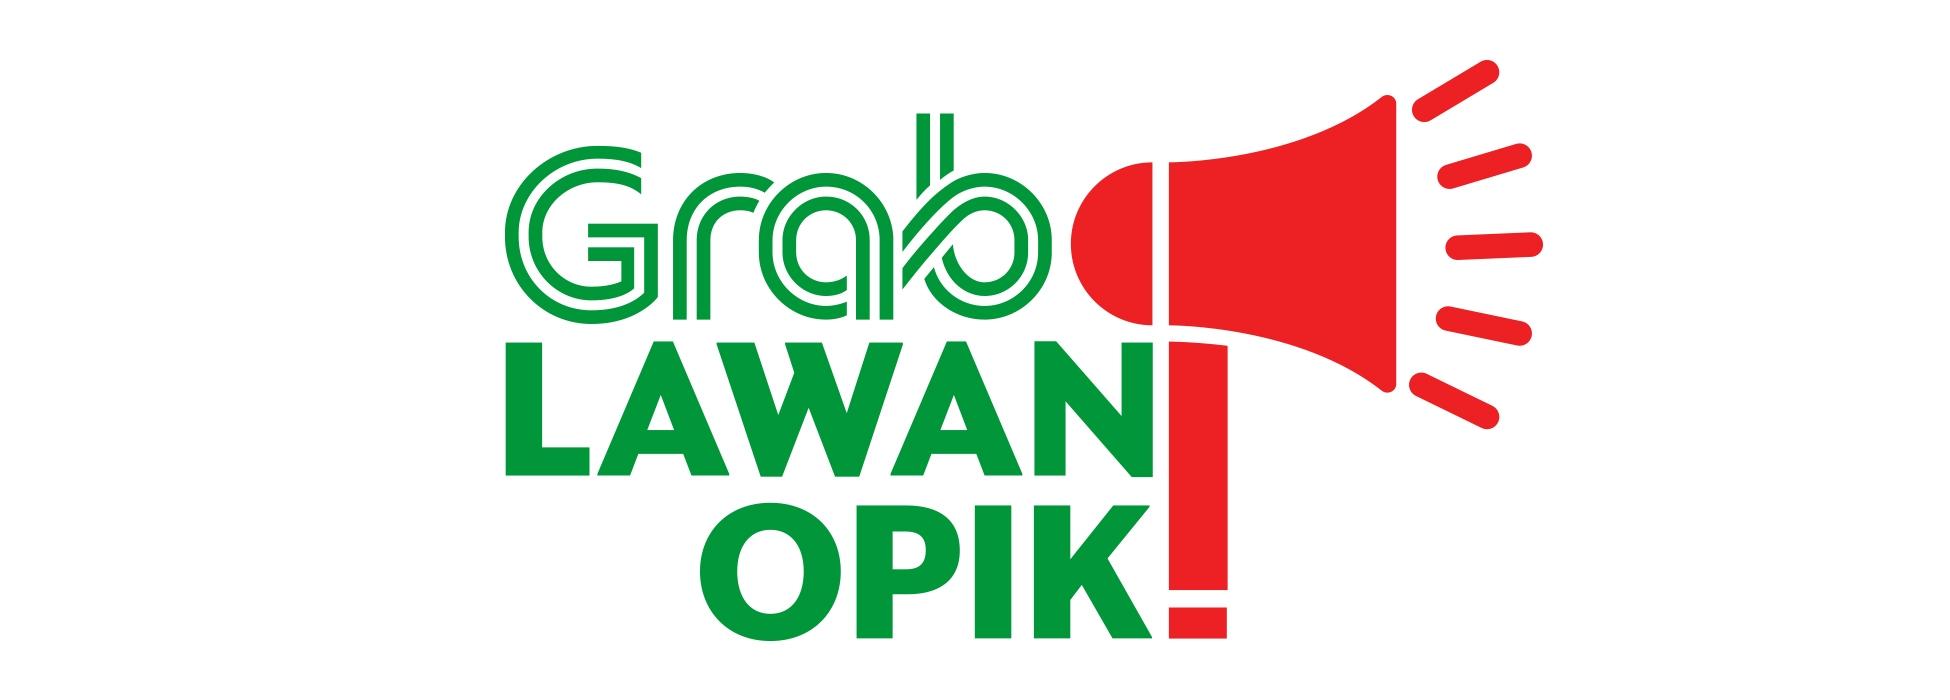 Grab Luncurkan Program 'Grab Lawan Opik!' Berskala Nasional